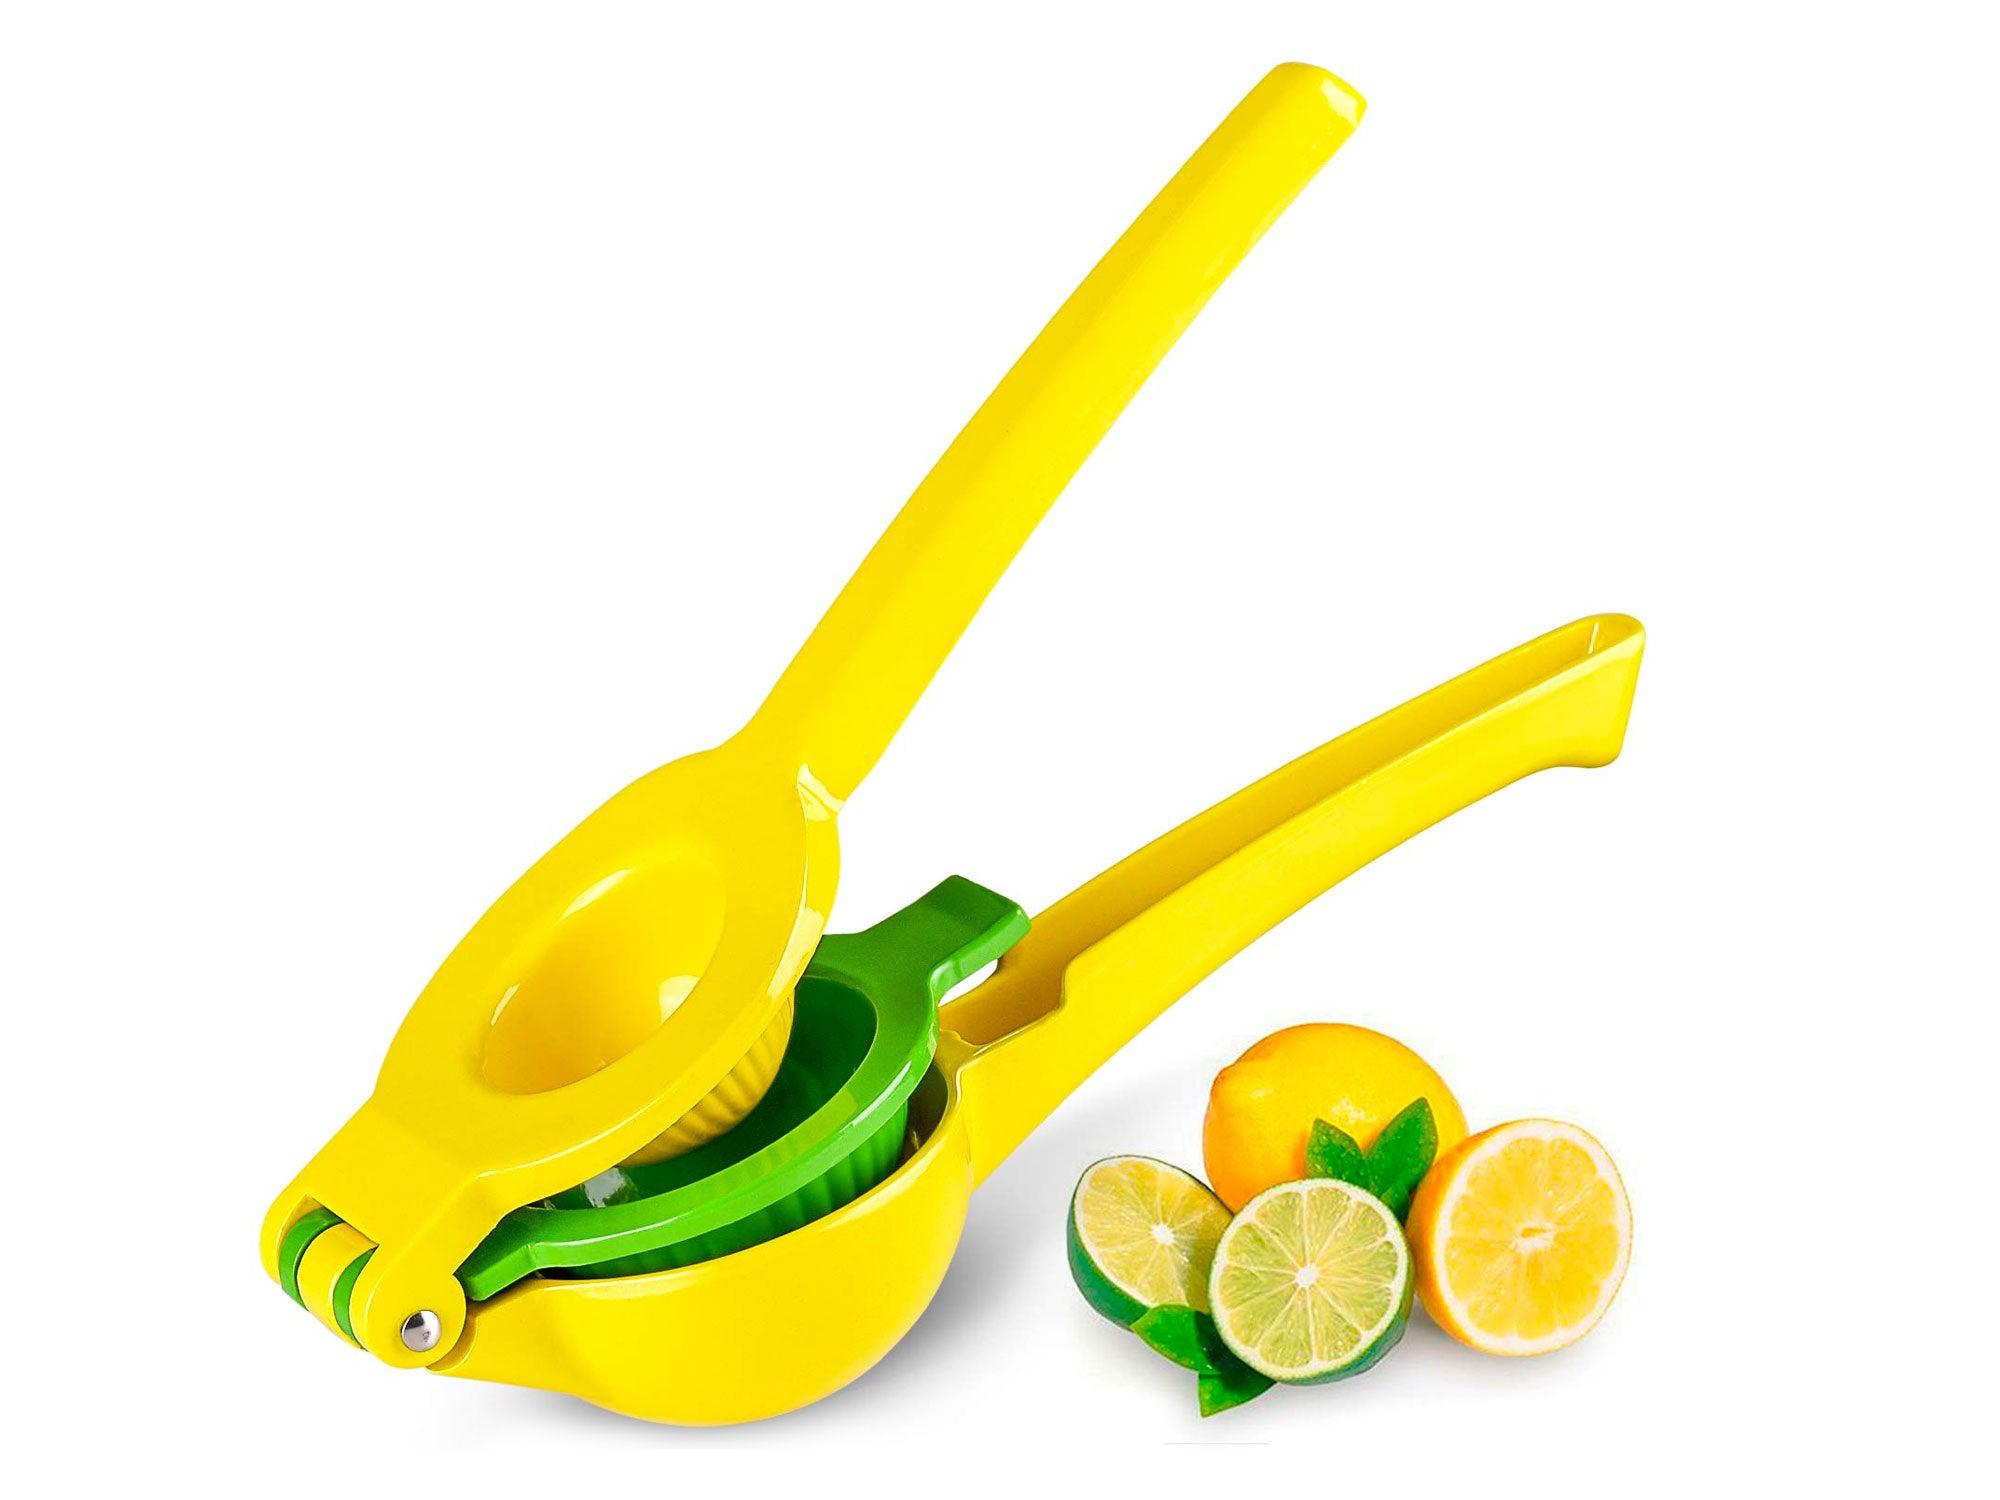 httpspush.saveur.comsitessaveur.comfilesimages201910zulay-citrus-squeezer.jpg